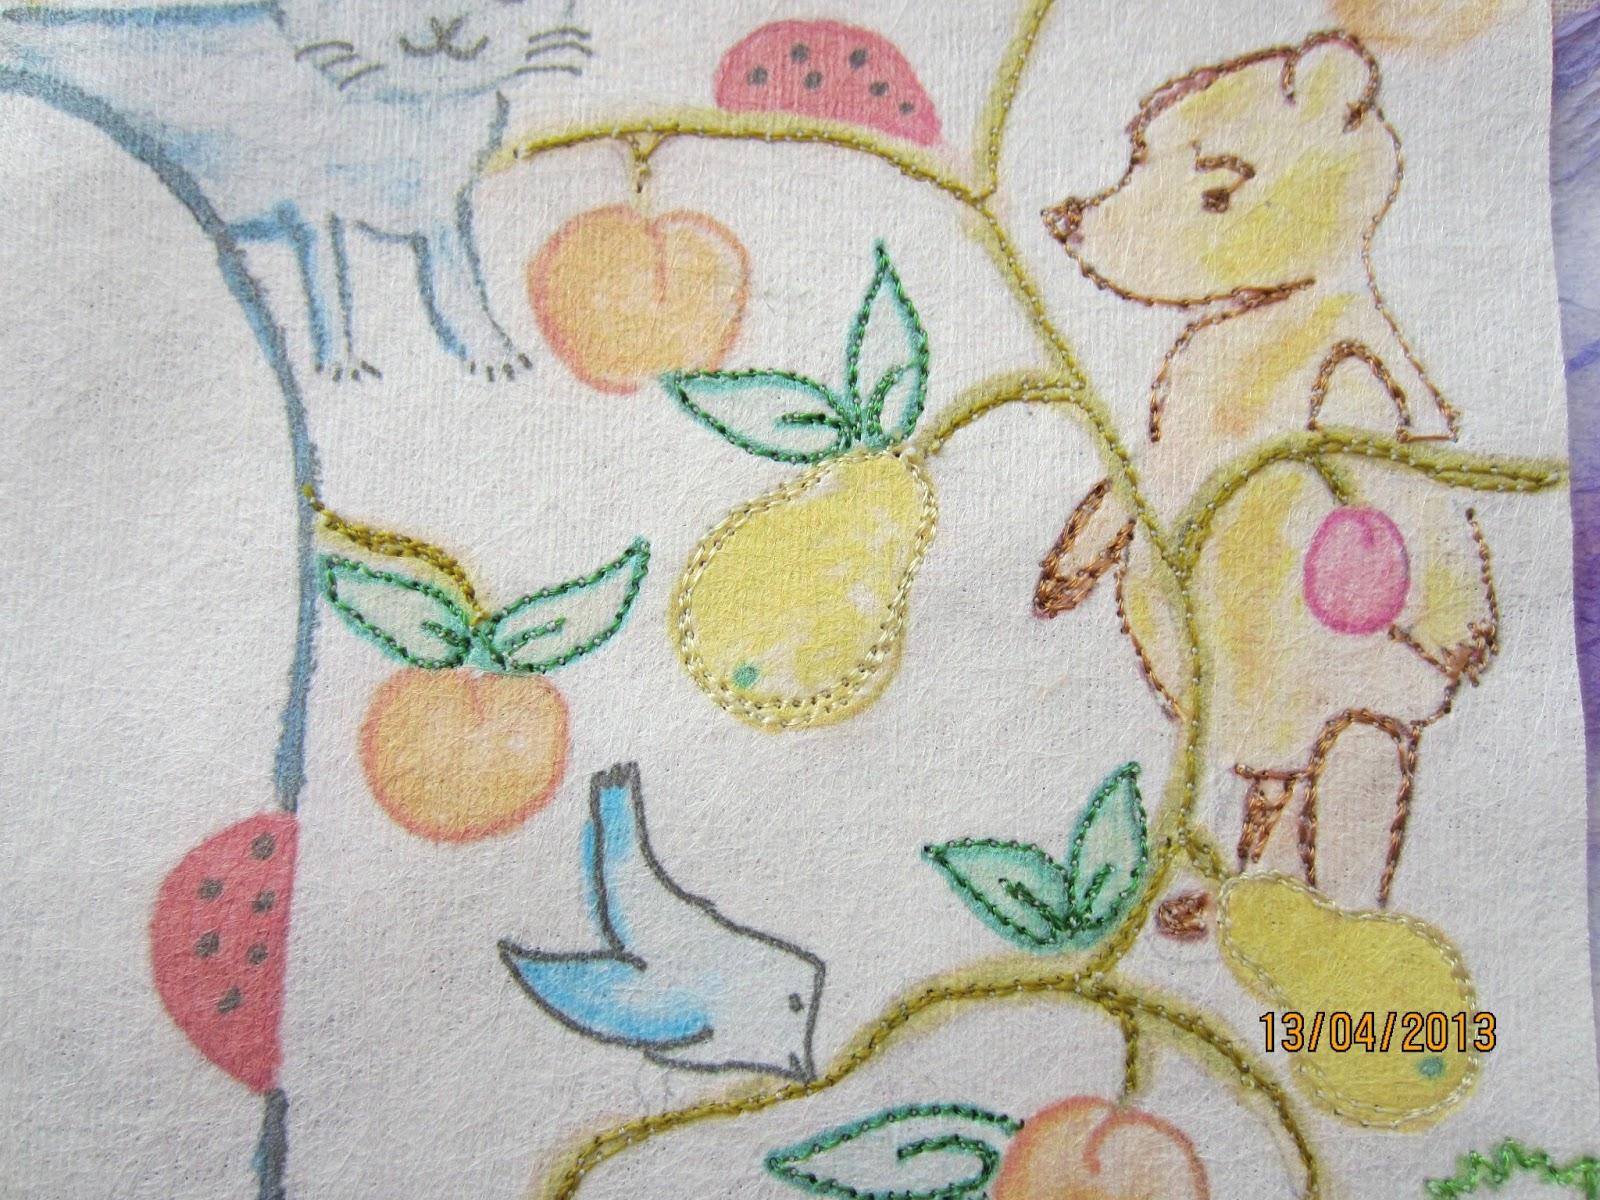 Each Peach Pear Plum Bed Time Stories